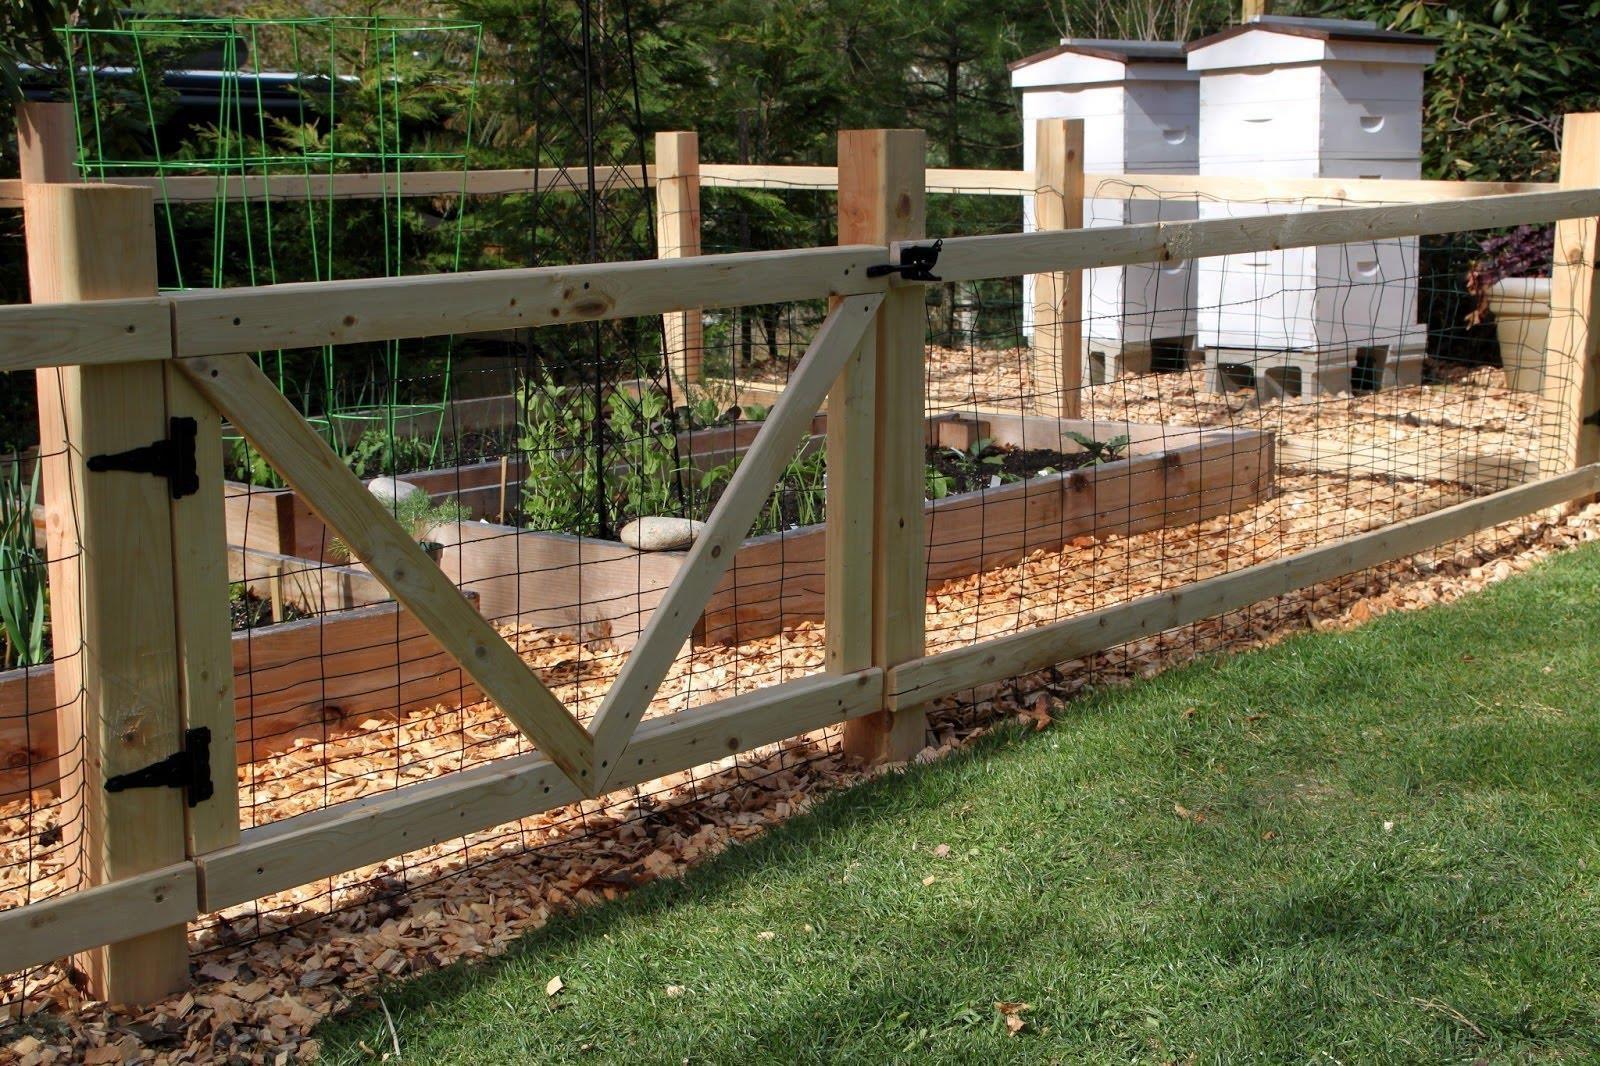 Diy Garden Fences And Gates - DIY Ideas